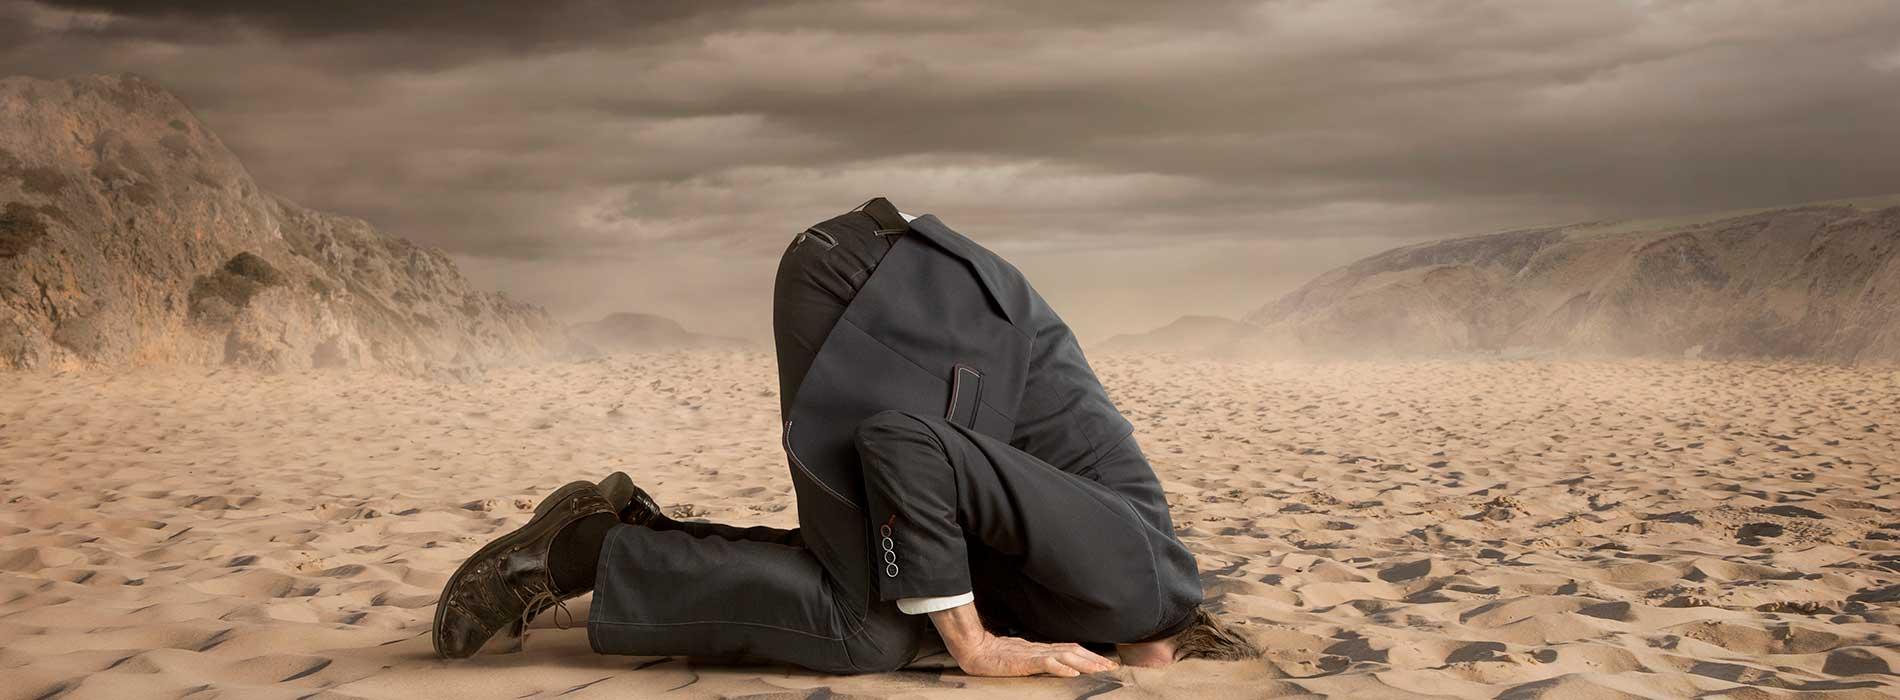 esconderse-por-deudas-ley-segunda-oportunidad-tortajada-advocats-sabadell